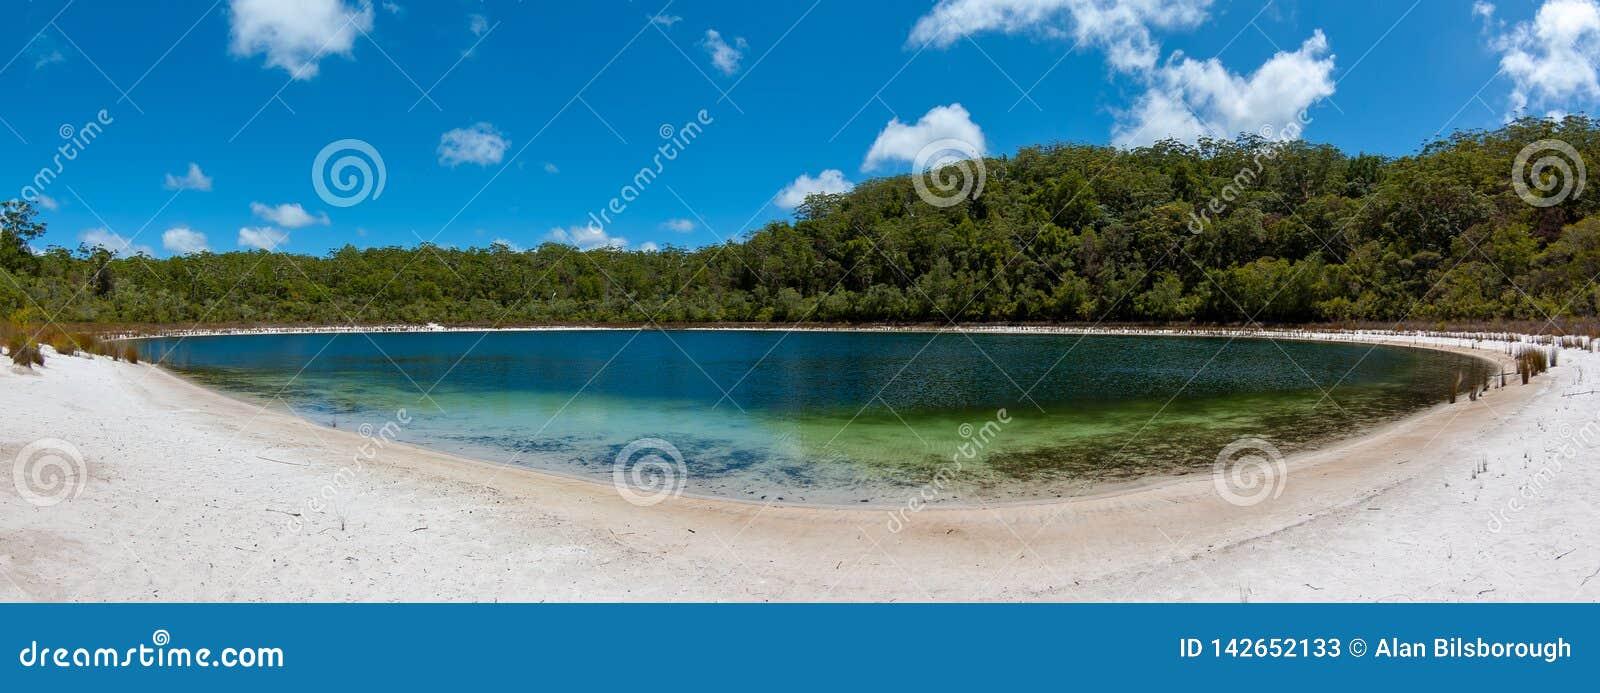 Een leeg, vreedzaam en mooi meer op Fraser Island